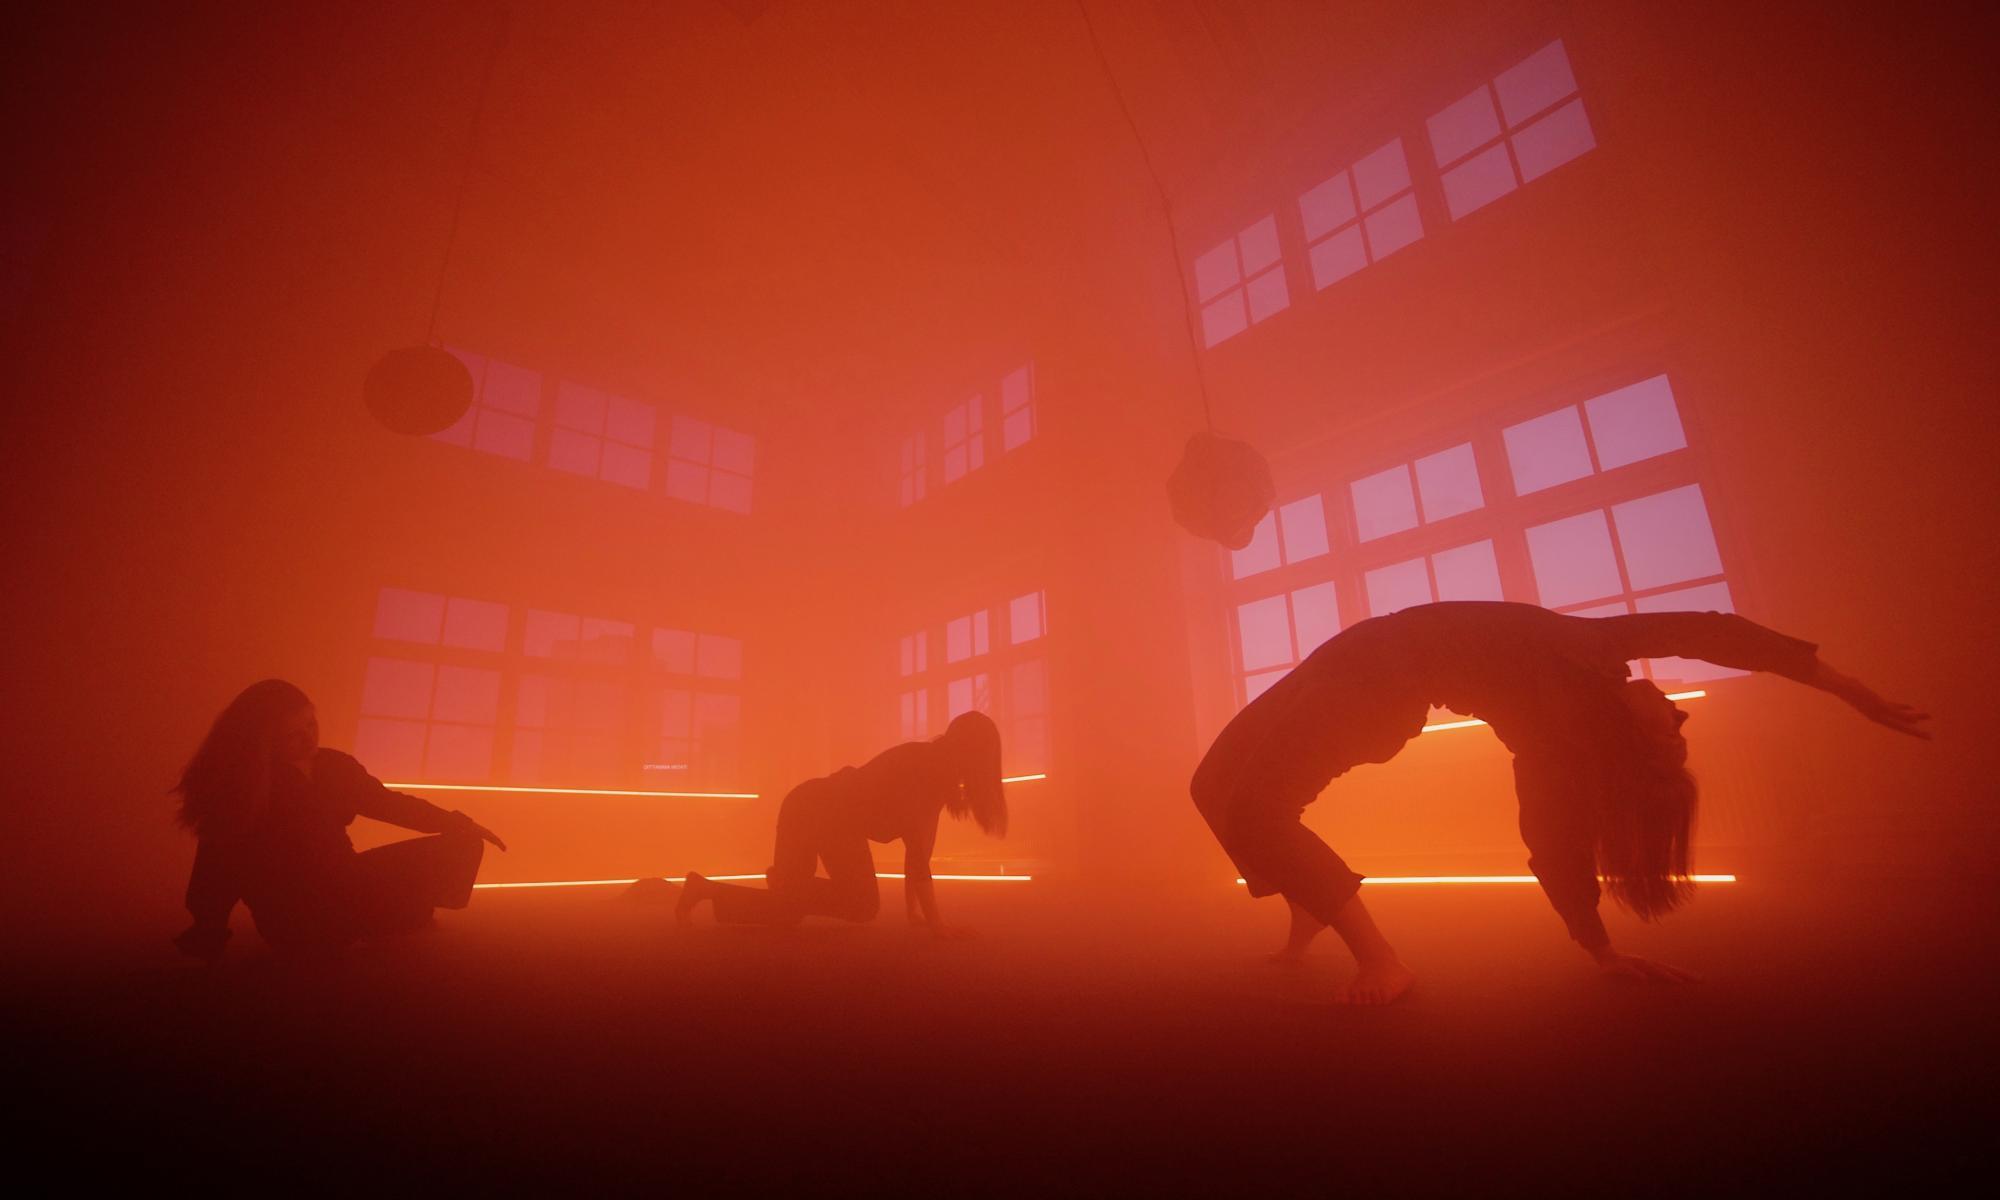 Kolme tanssijaa tanssivat hämärästi valaistussa tilassa.